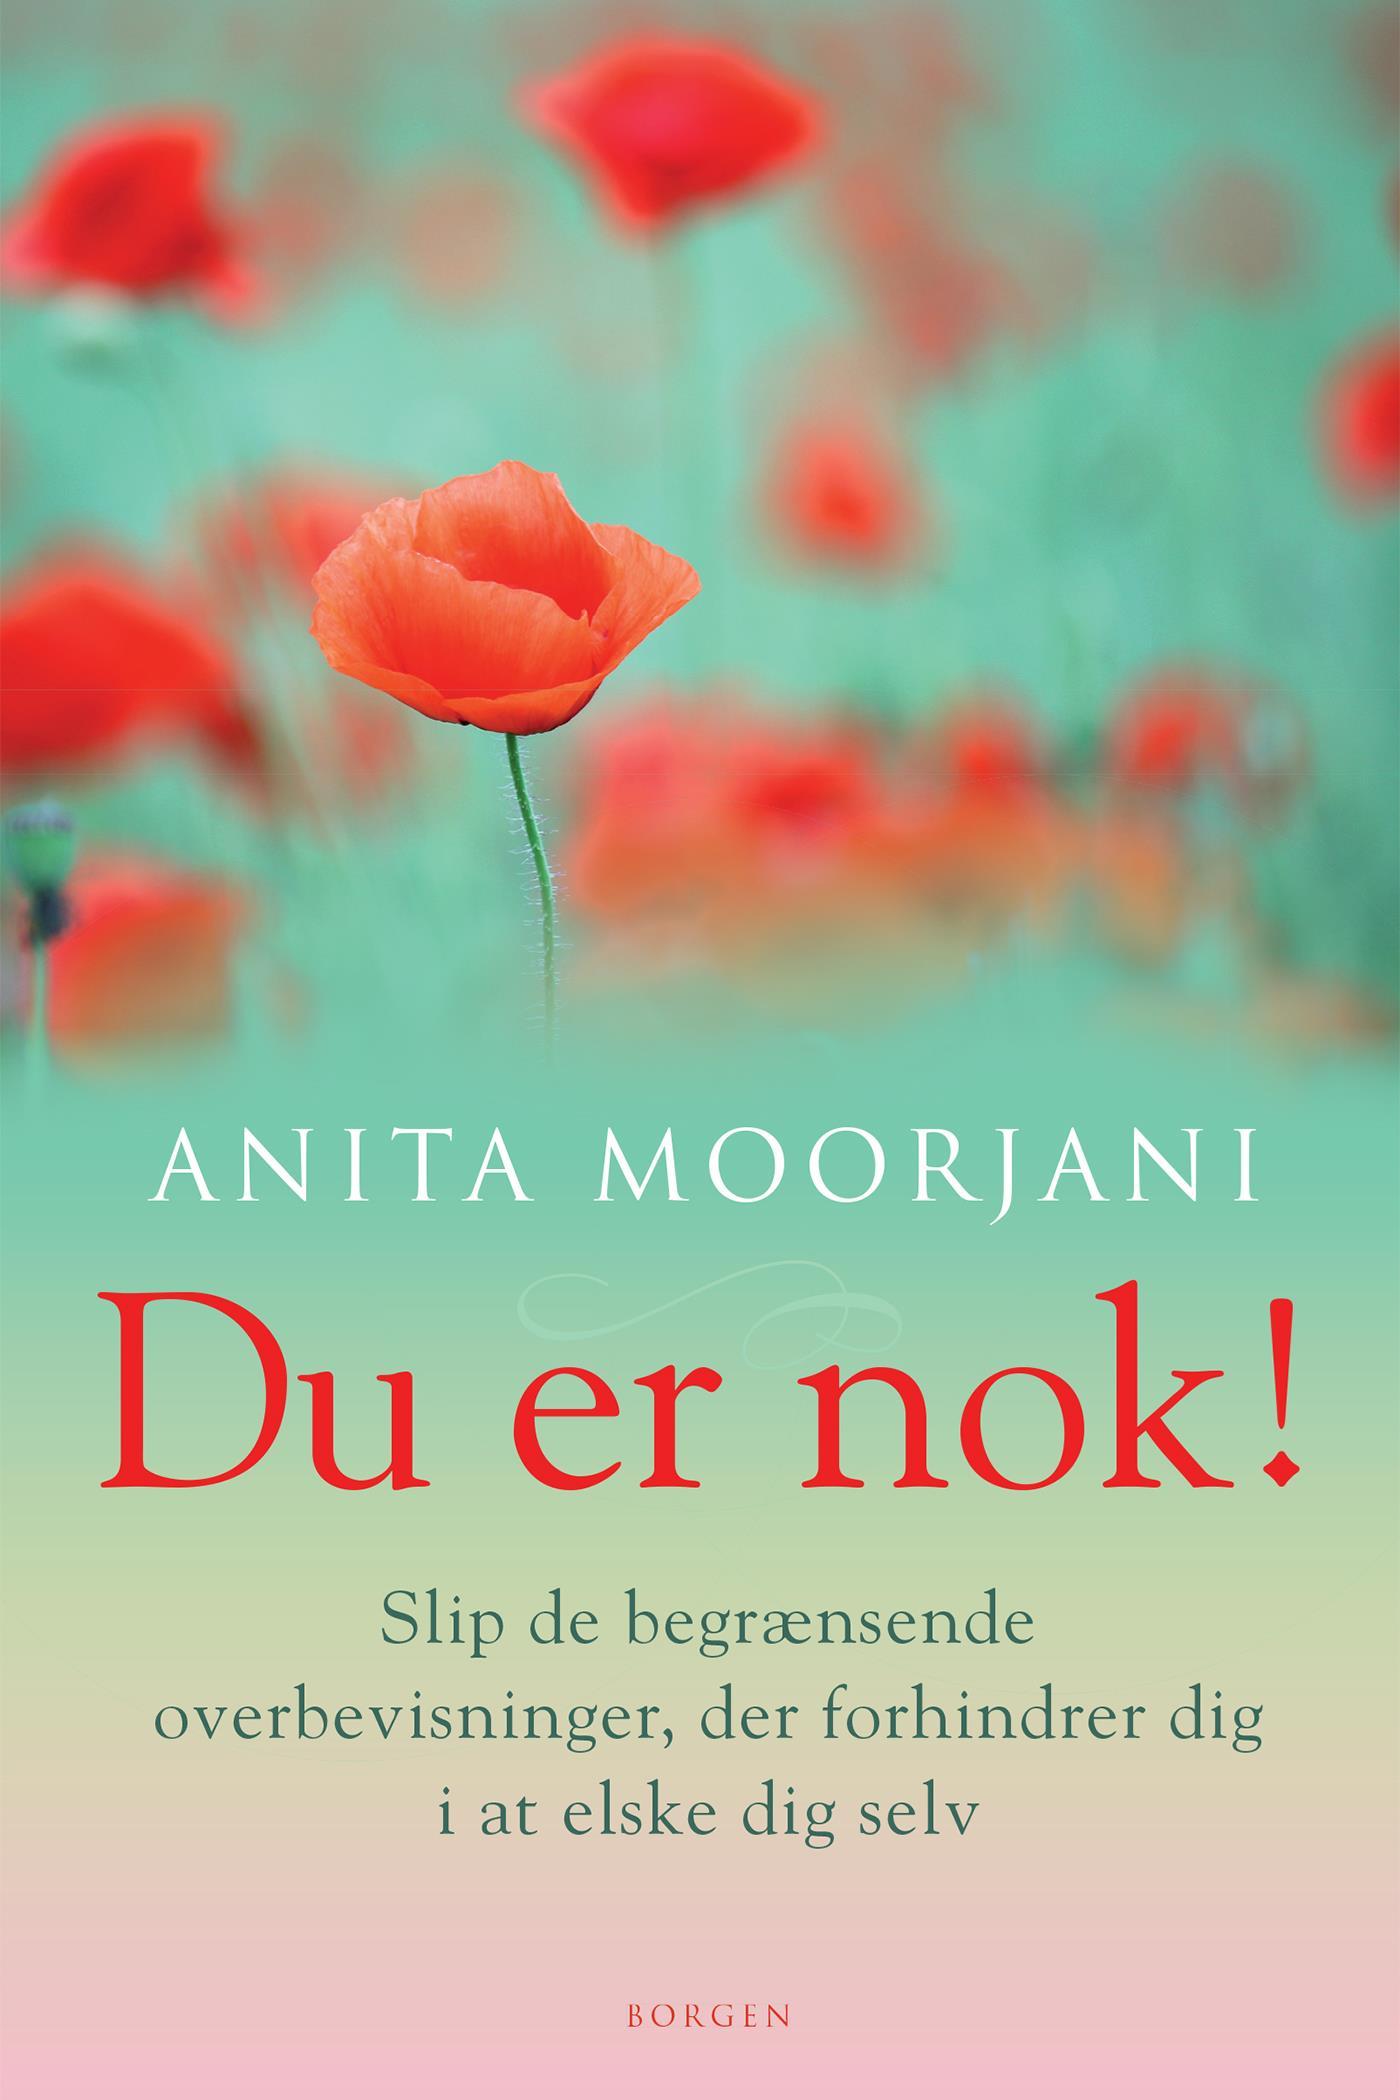 N/A Du er nok! - e-bog fra bog & mystik